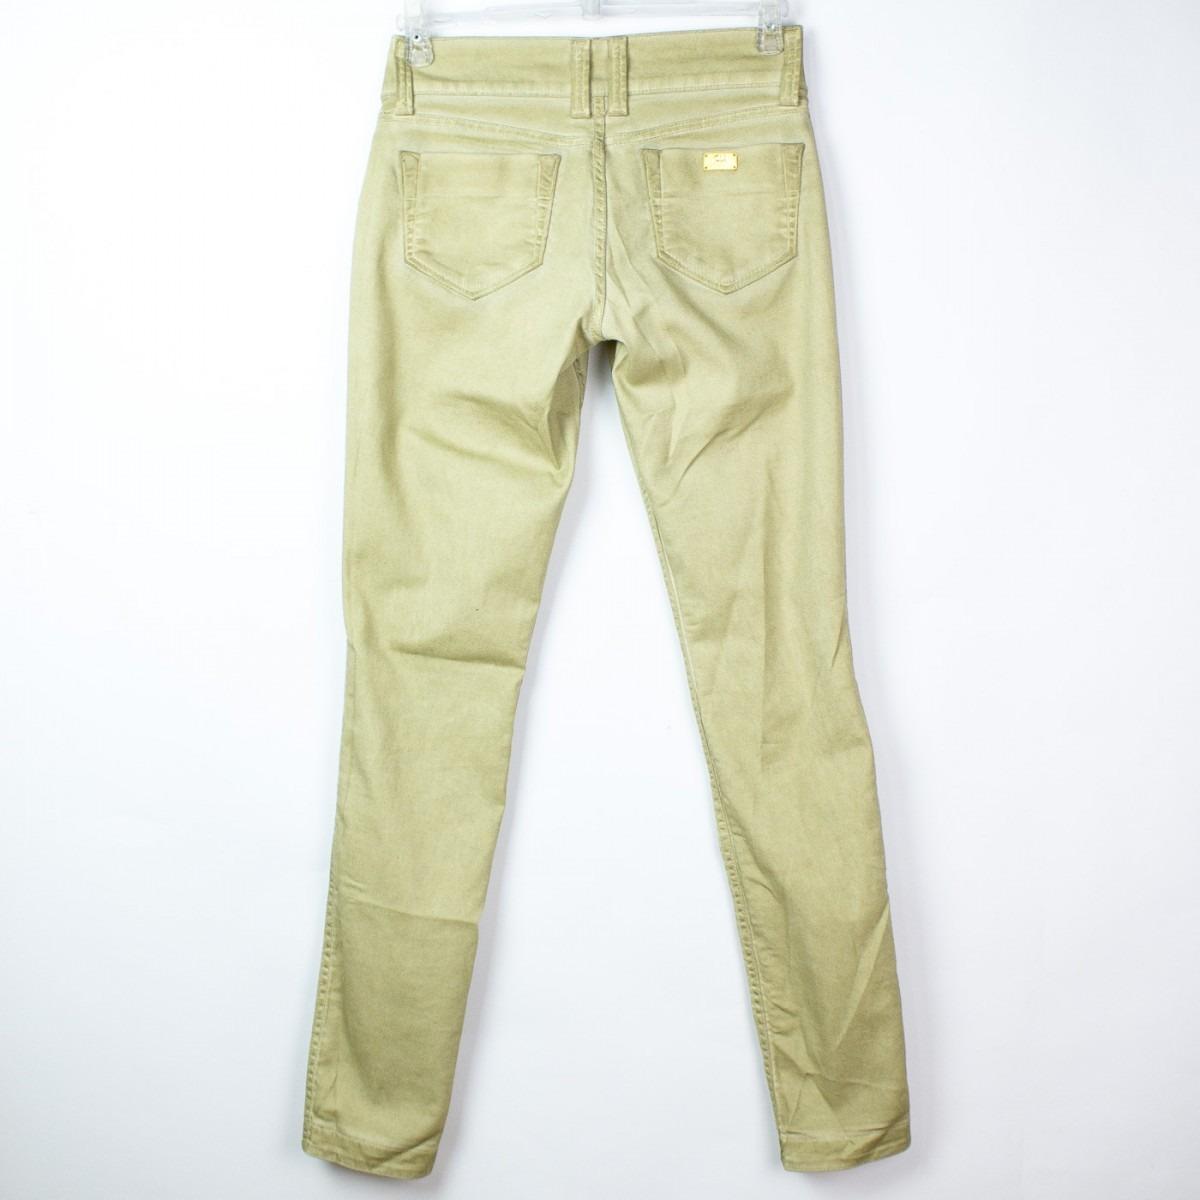 fdcf29e05604f calça jeans feminina ana hickmann dupla face ah1025. Carregando zoom.